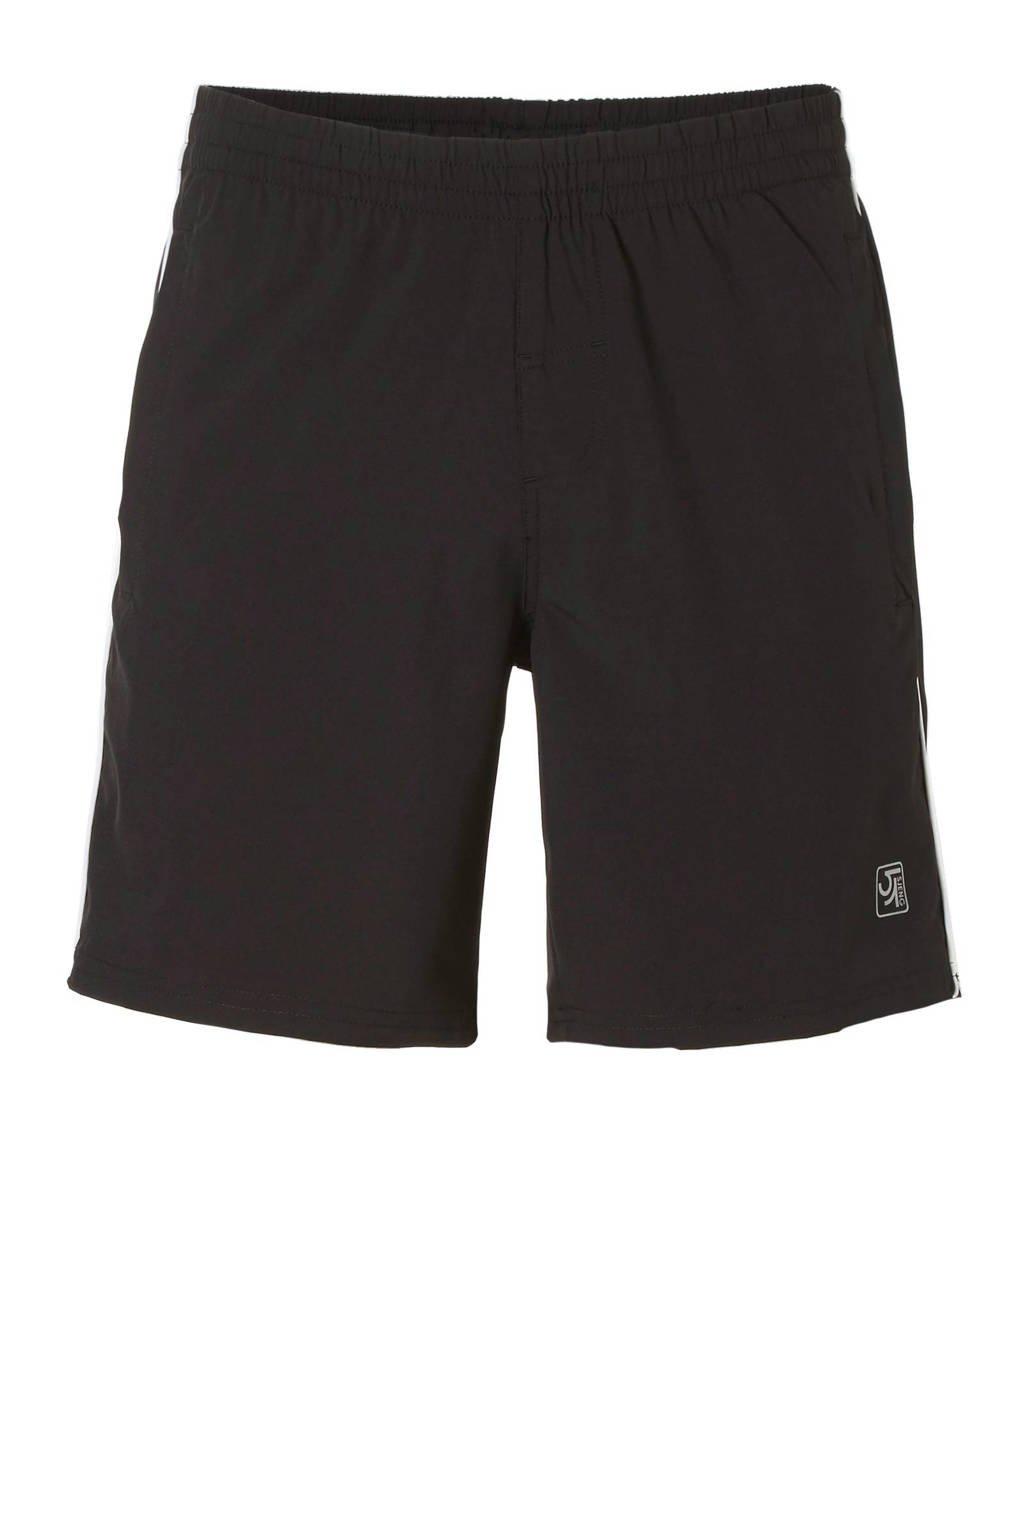 Sjeng Sports   short, Zwart